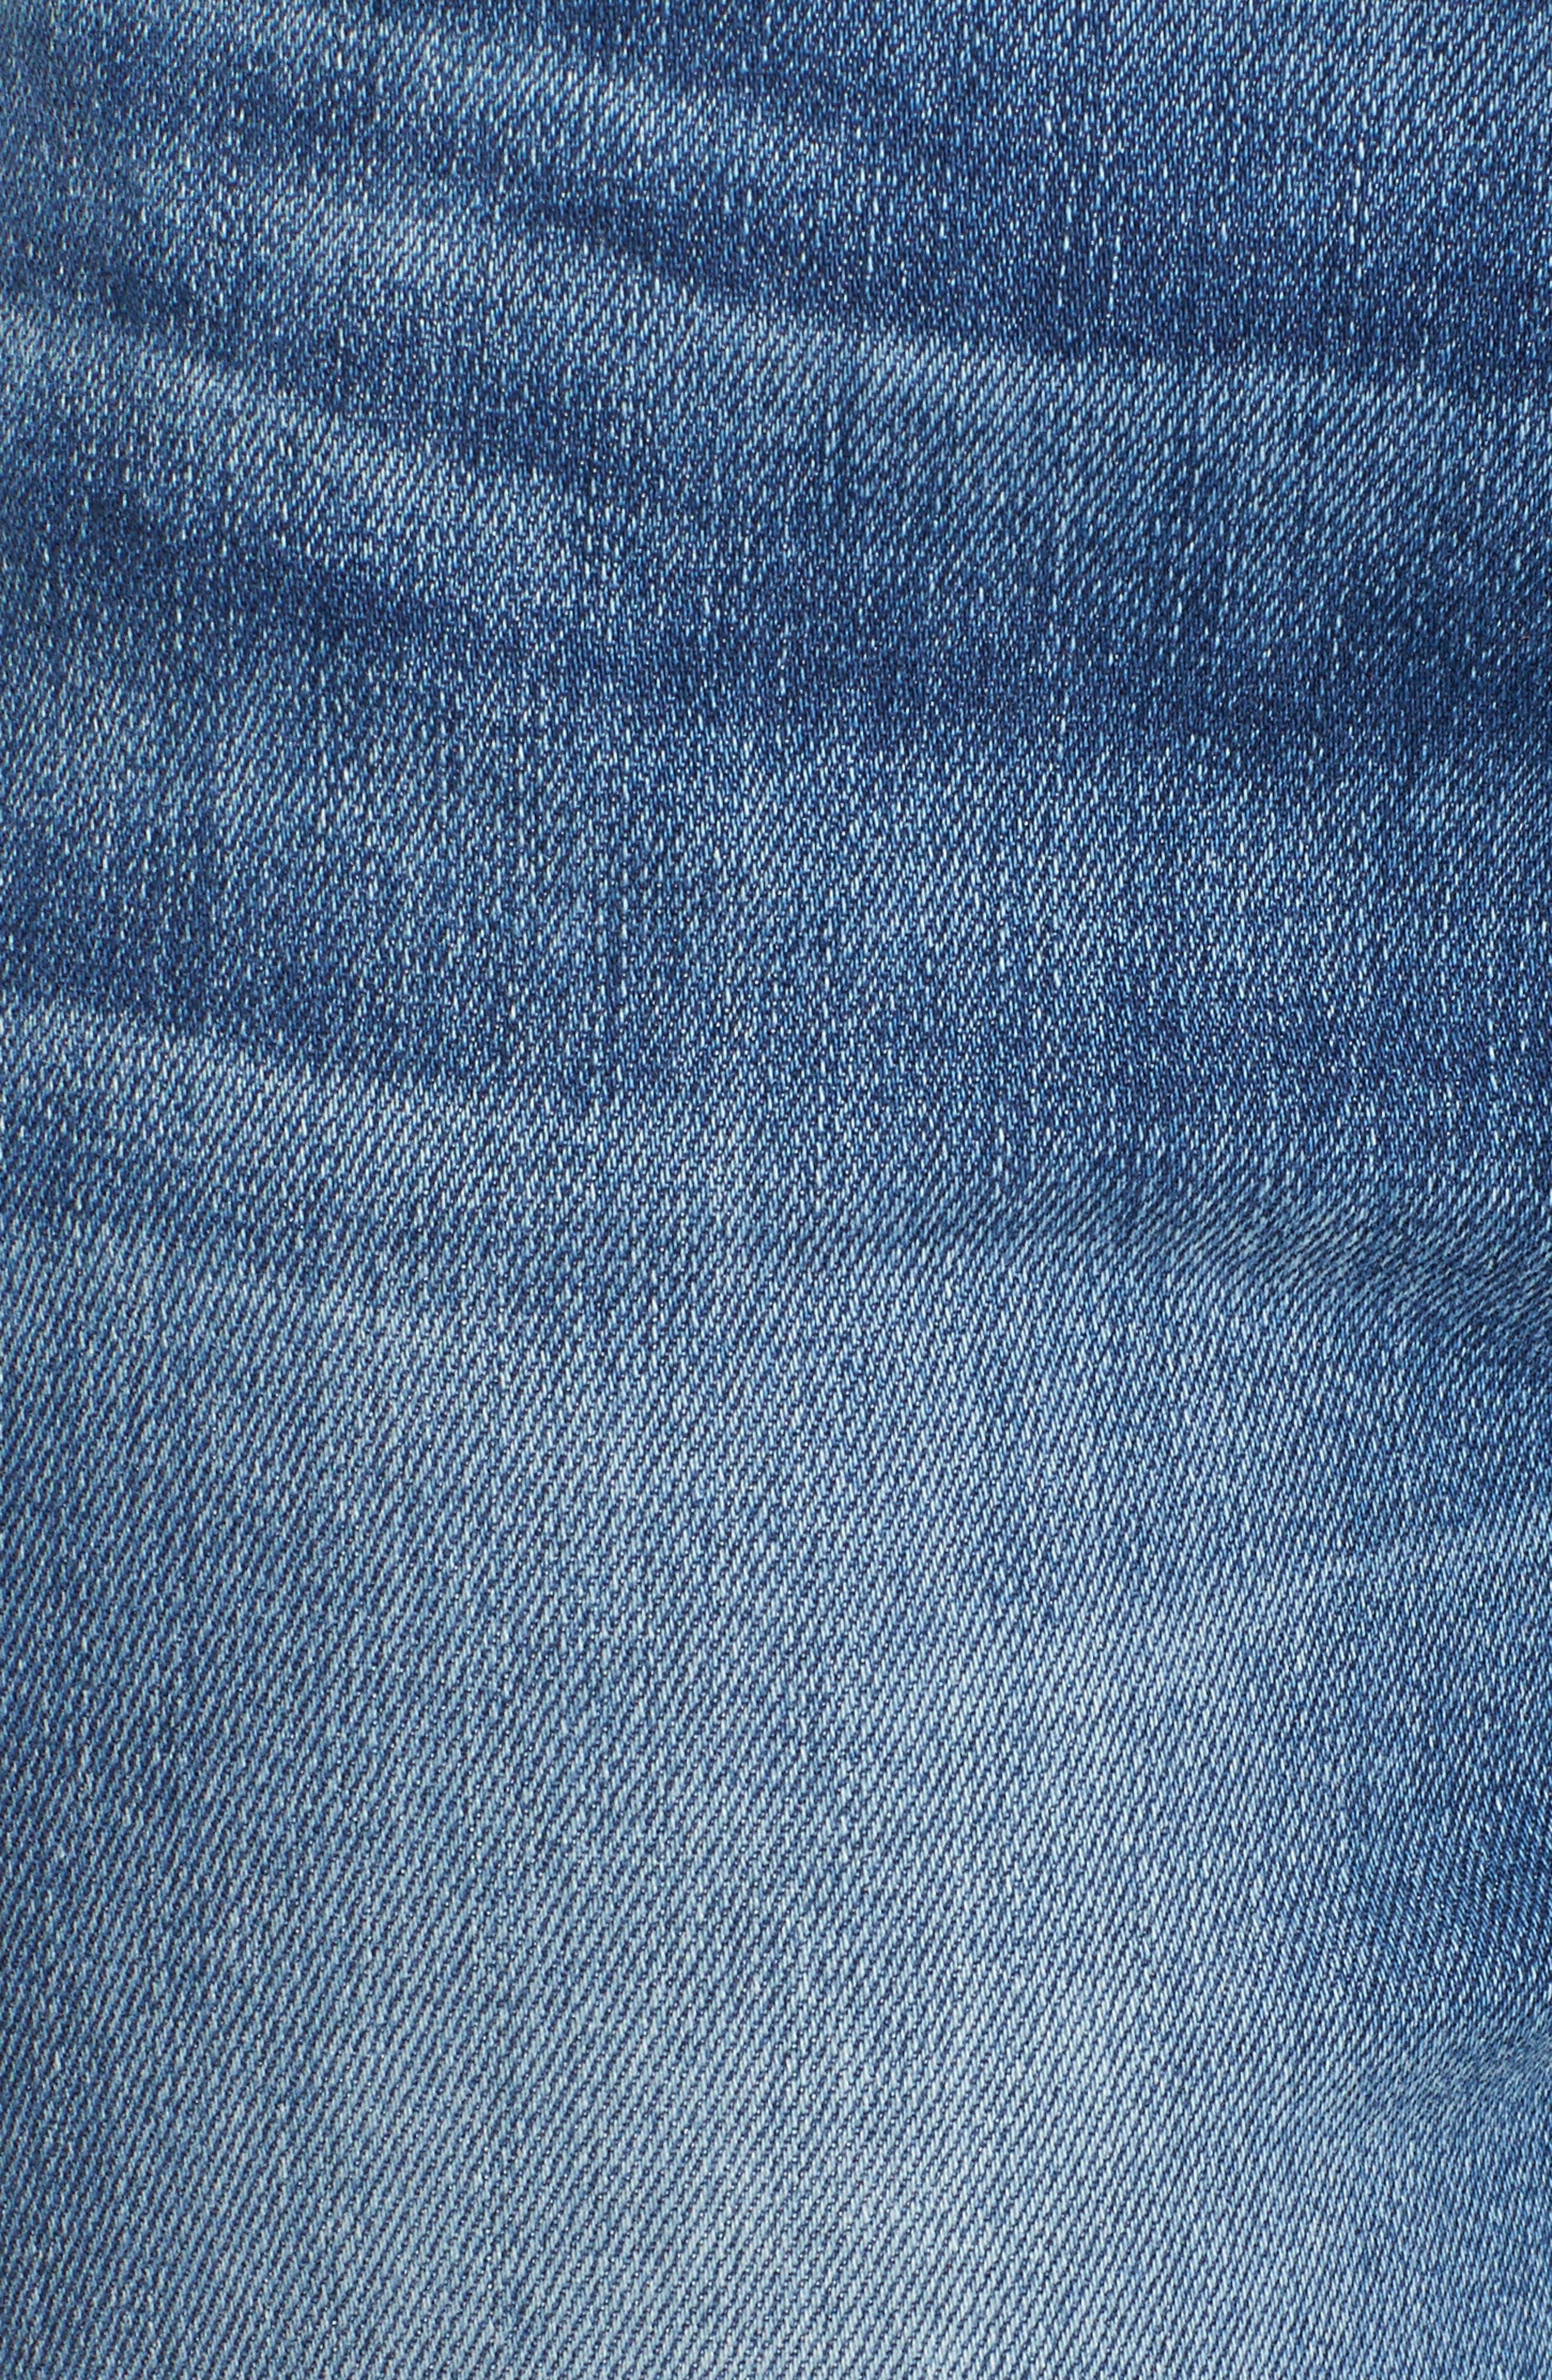 Release Hem Ankle Skinny Jeans,                             Alternate thumbnail 5, color,                             Garden City